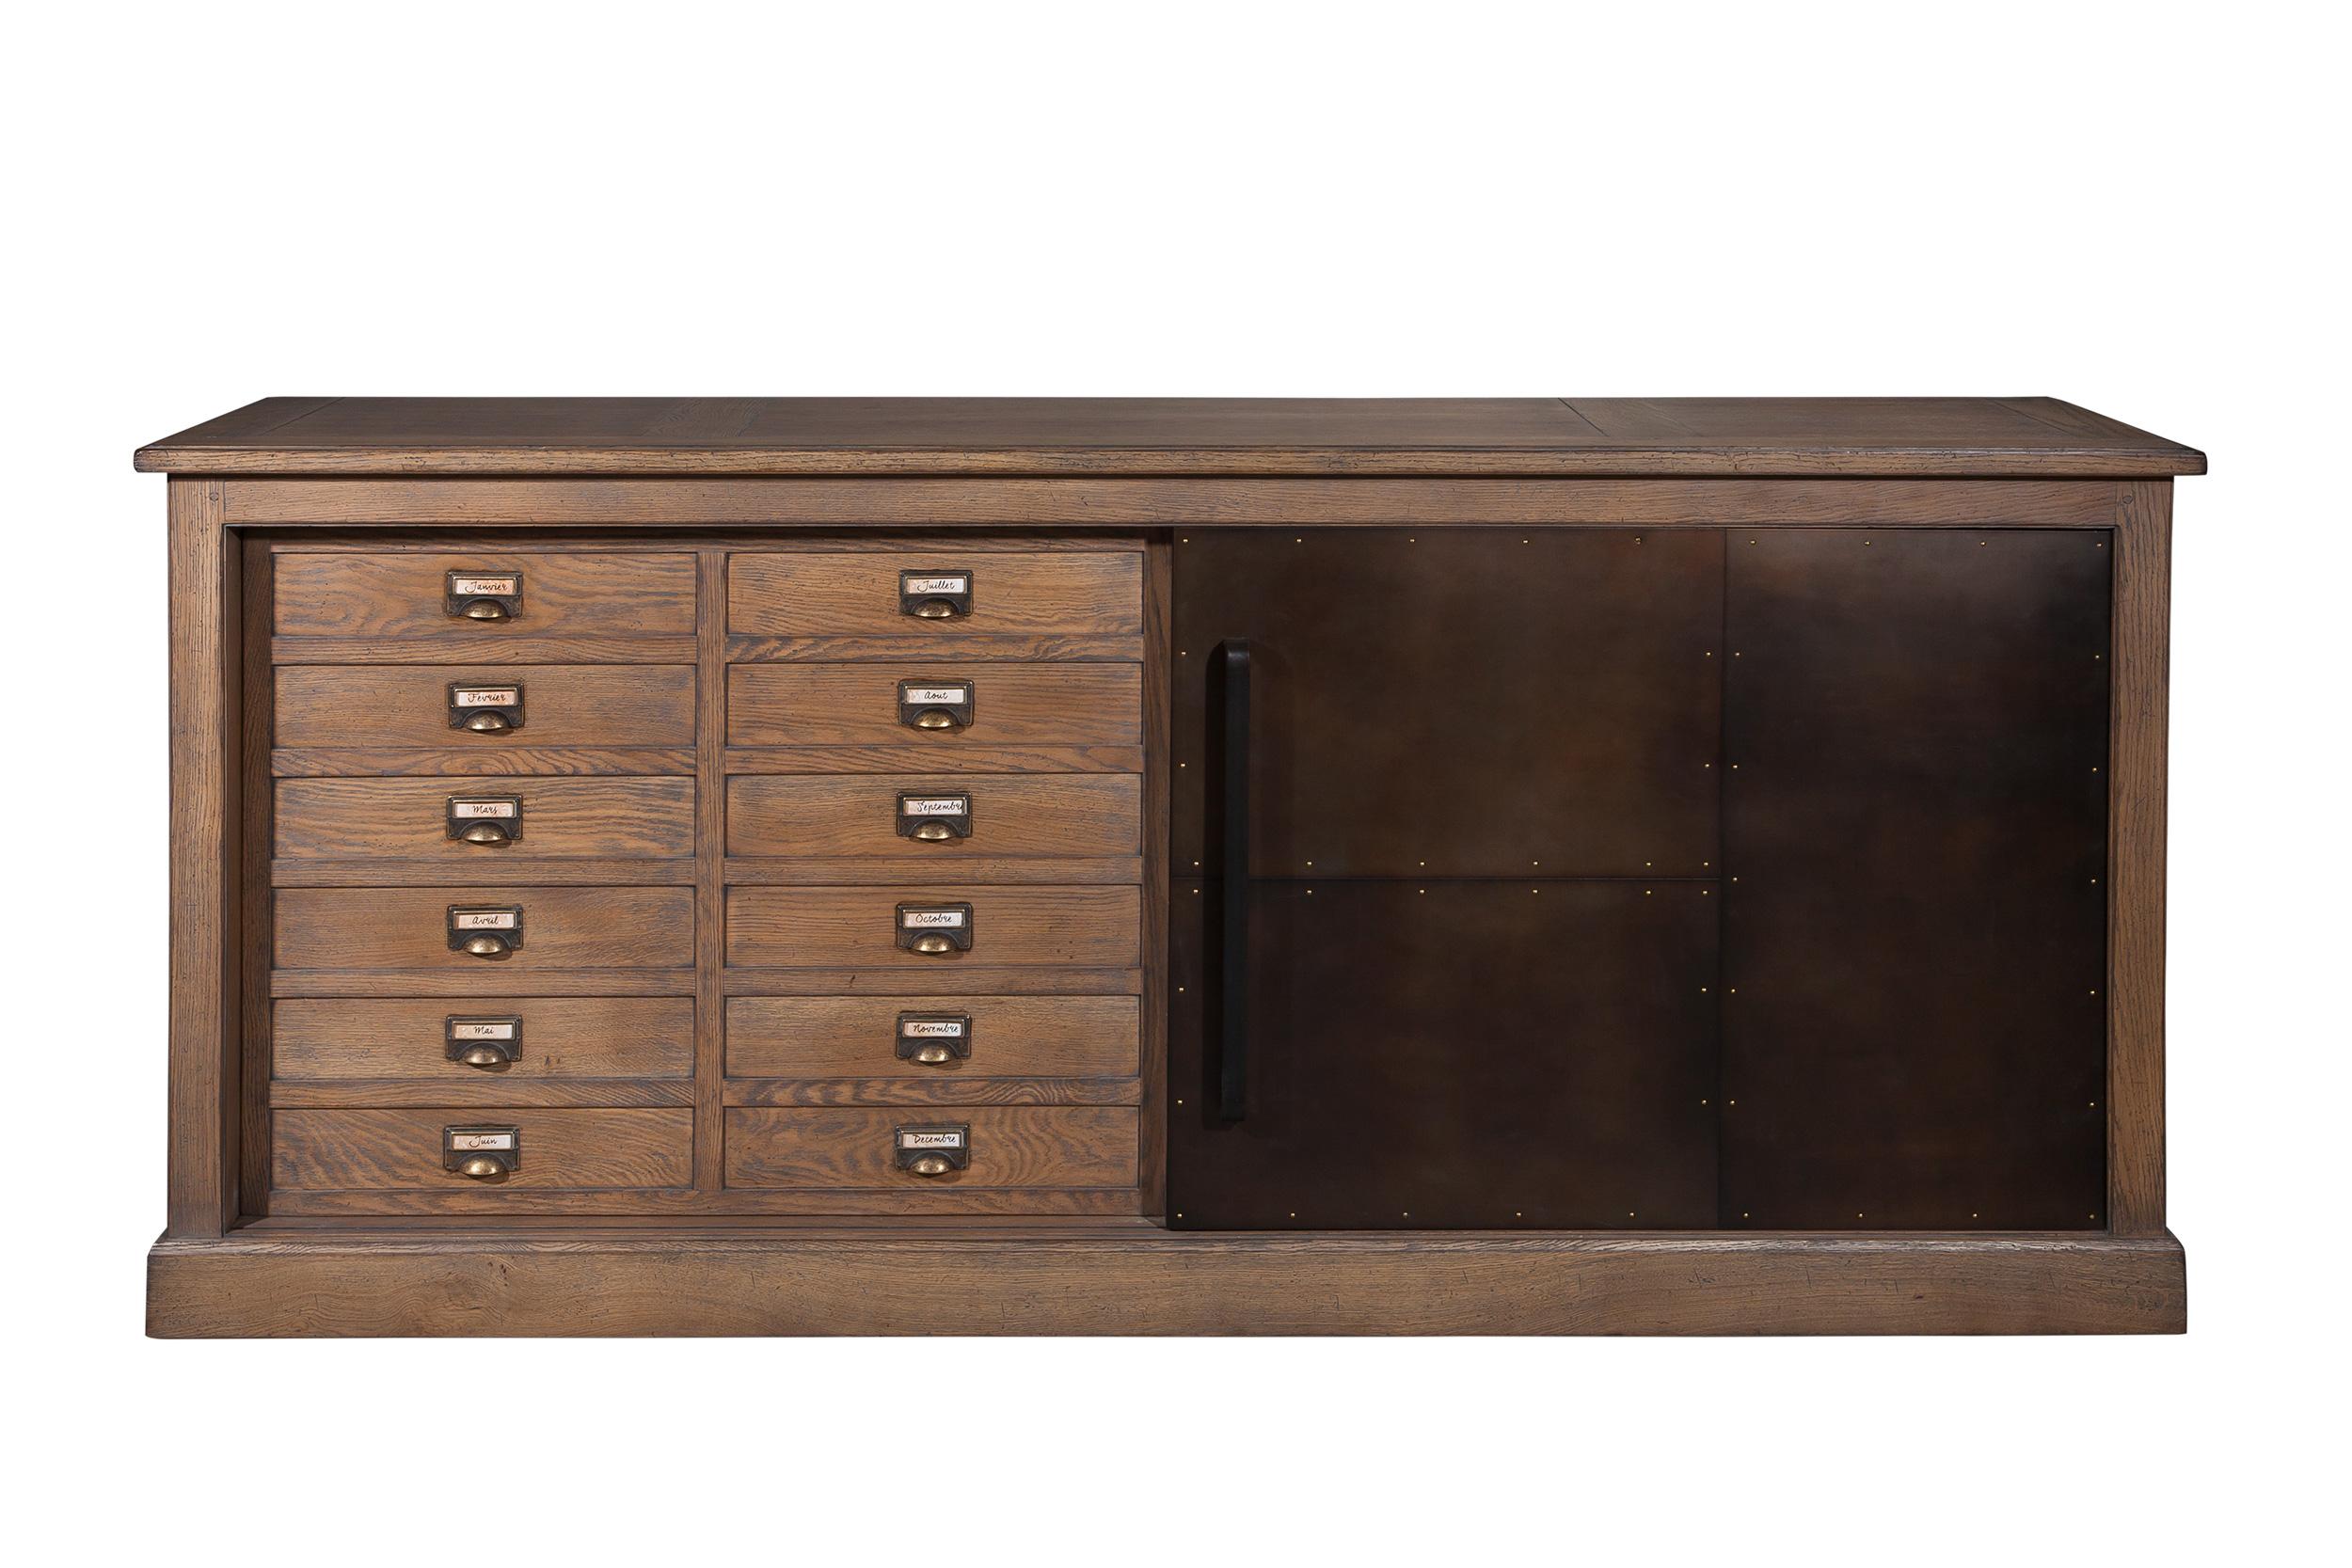 table c ramique ou bois michel ferrand meubles steinmetz. Black Bedroom Furniture Sets. Home Design Ideas